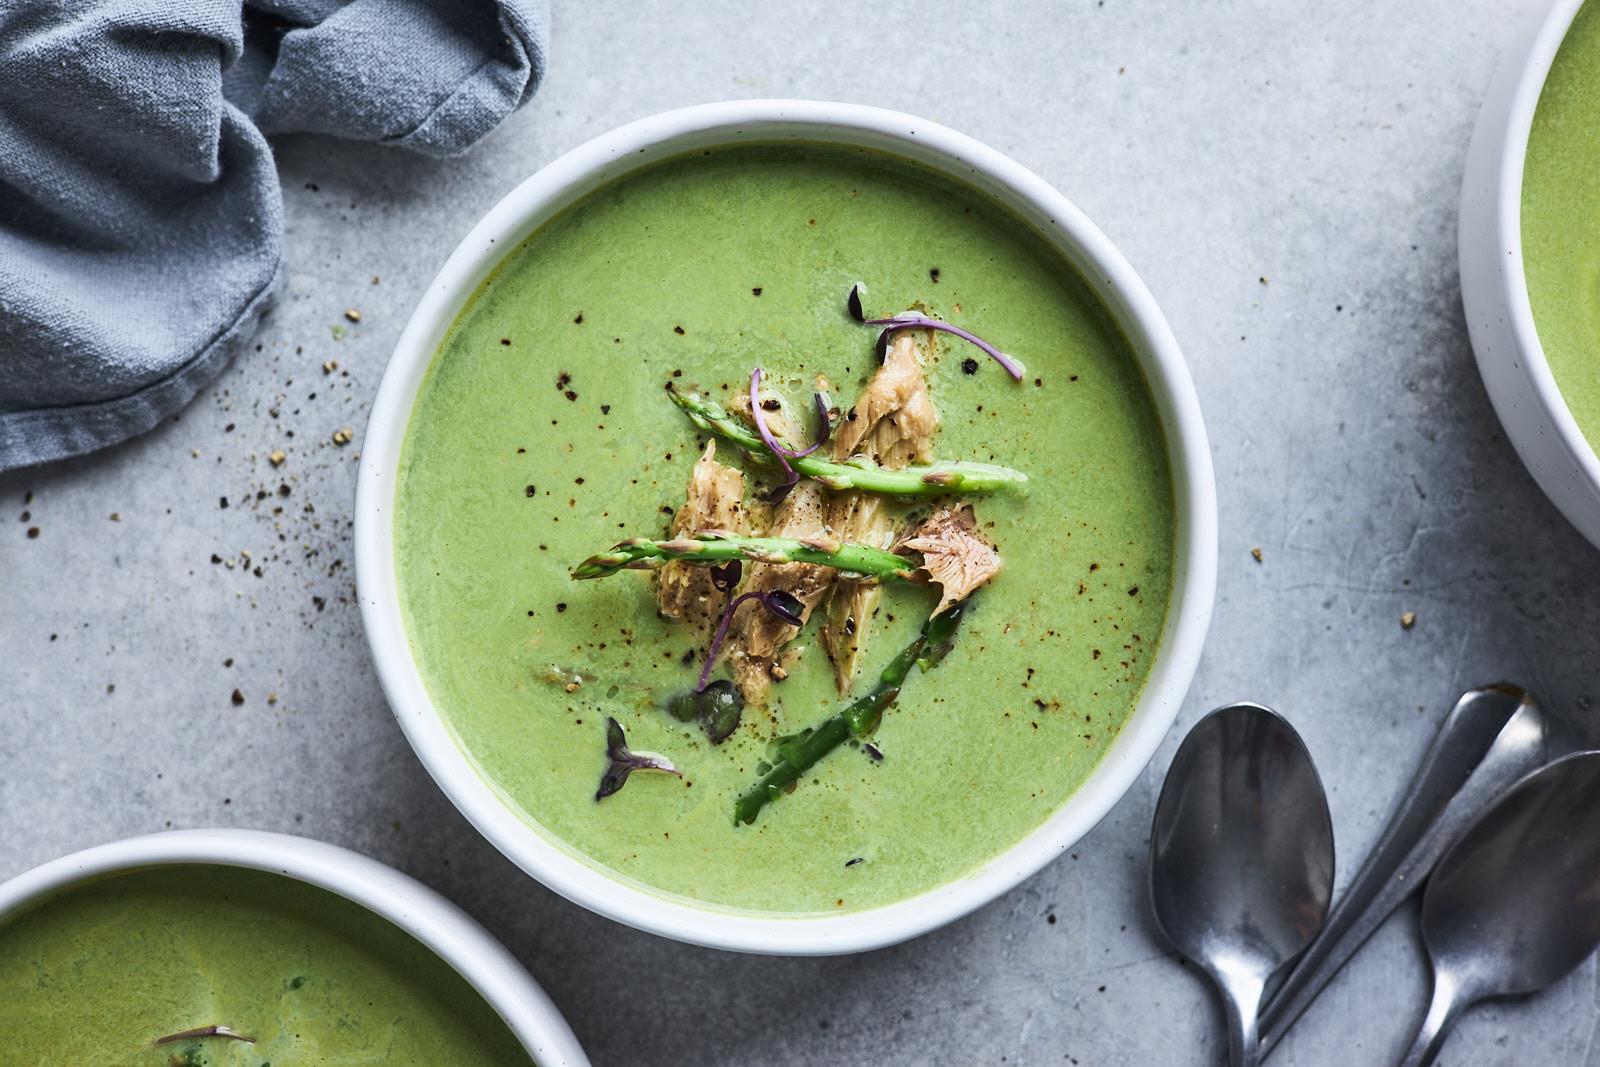 Creamy Asparagus Soup With Wild Mackerel